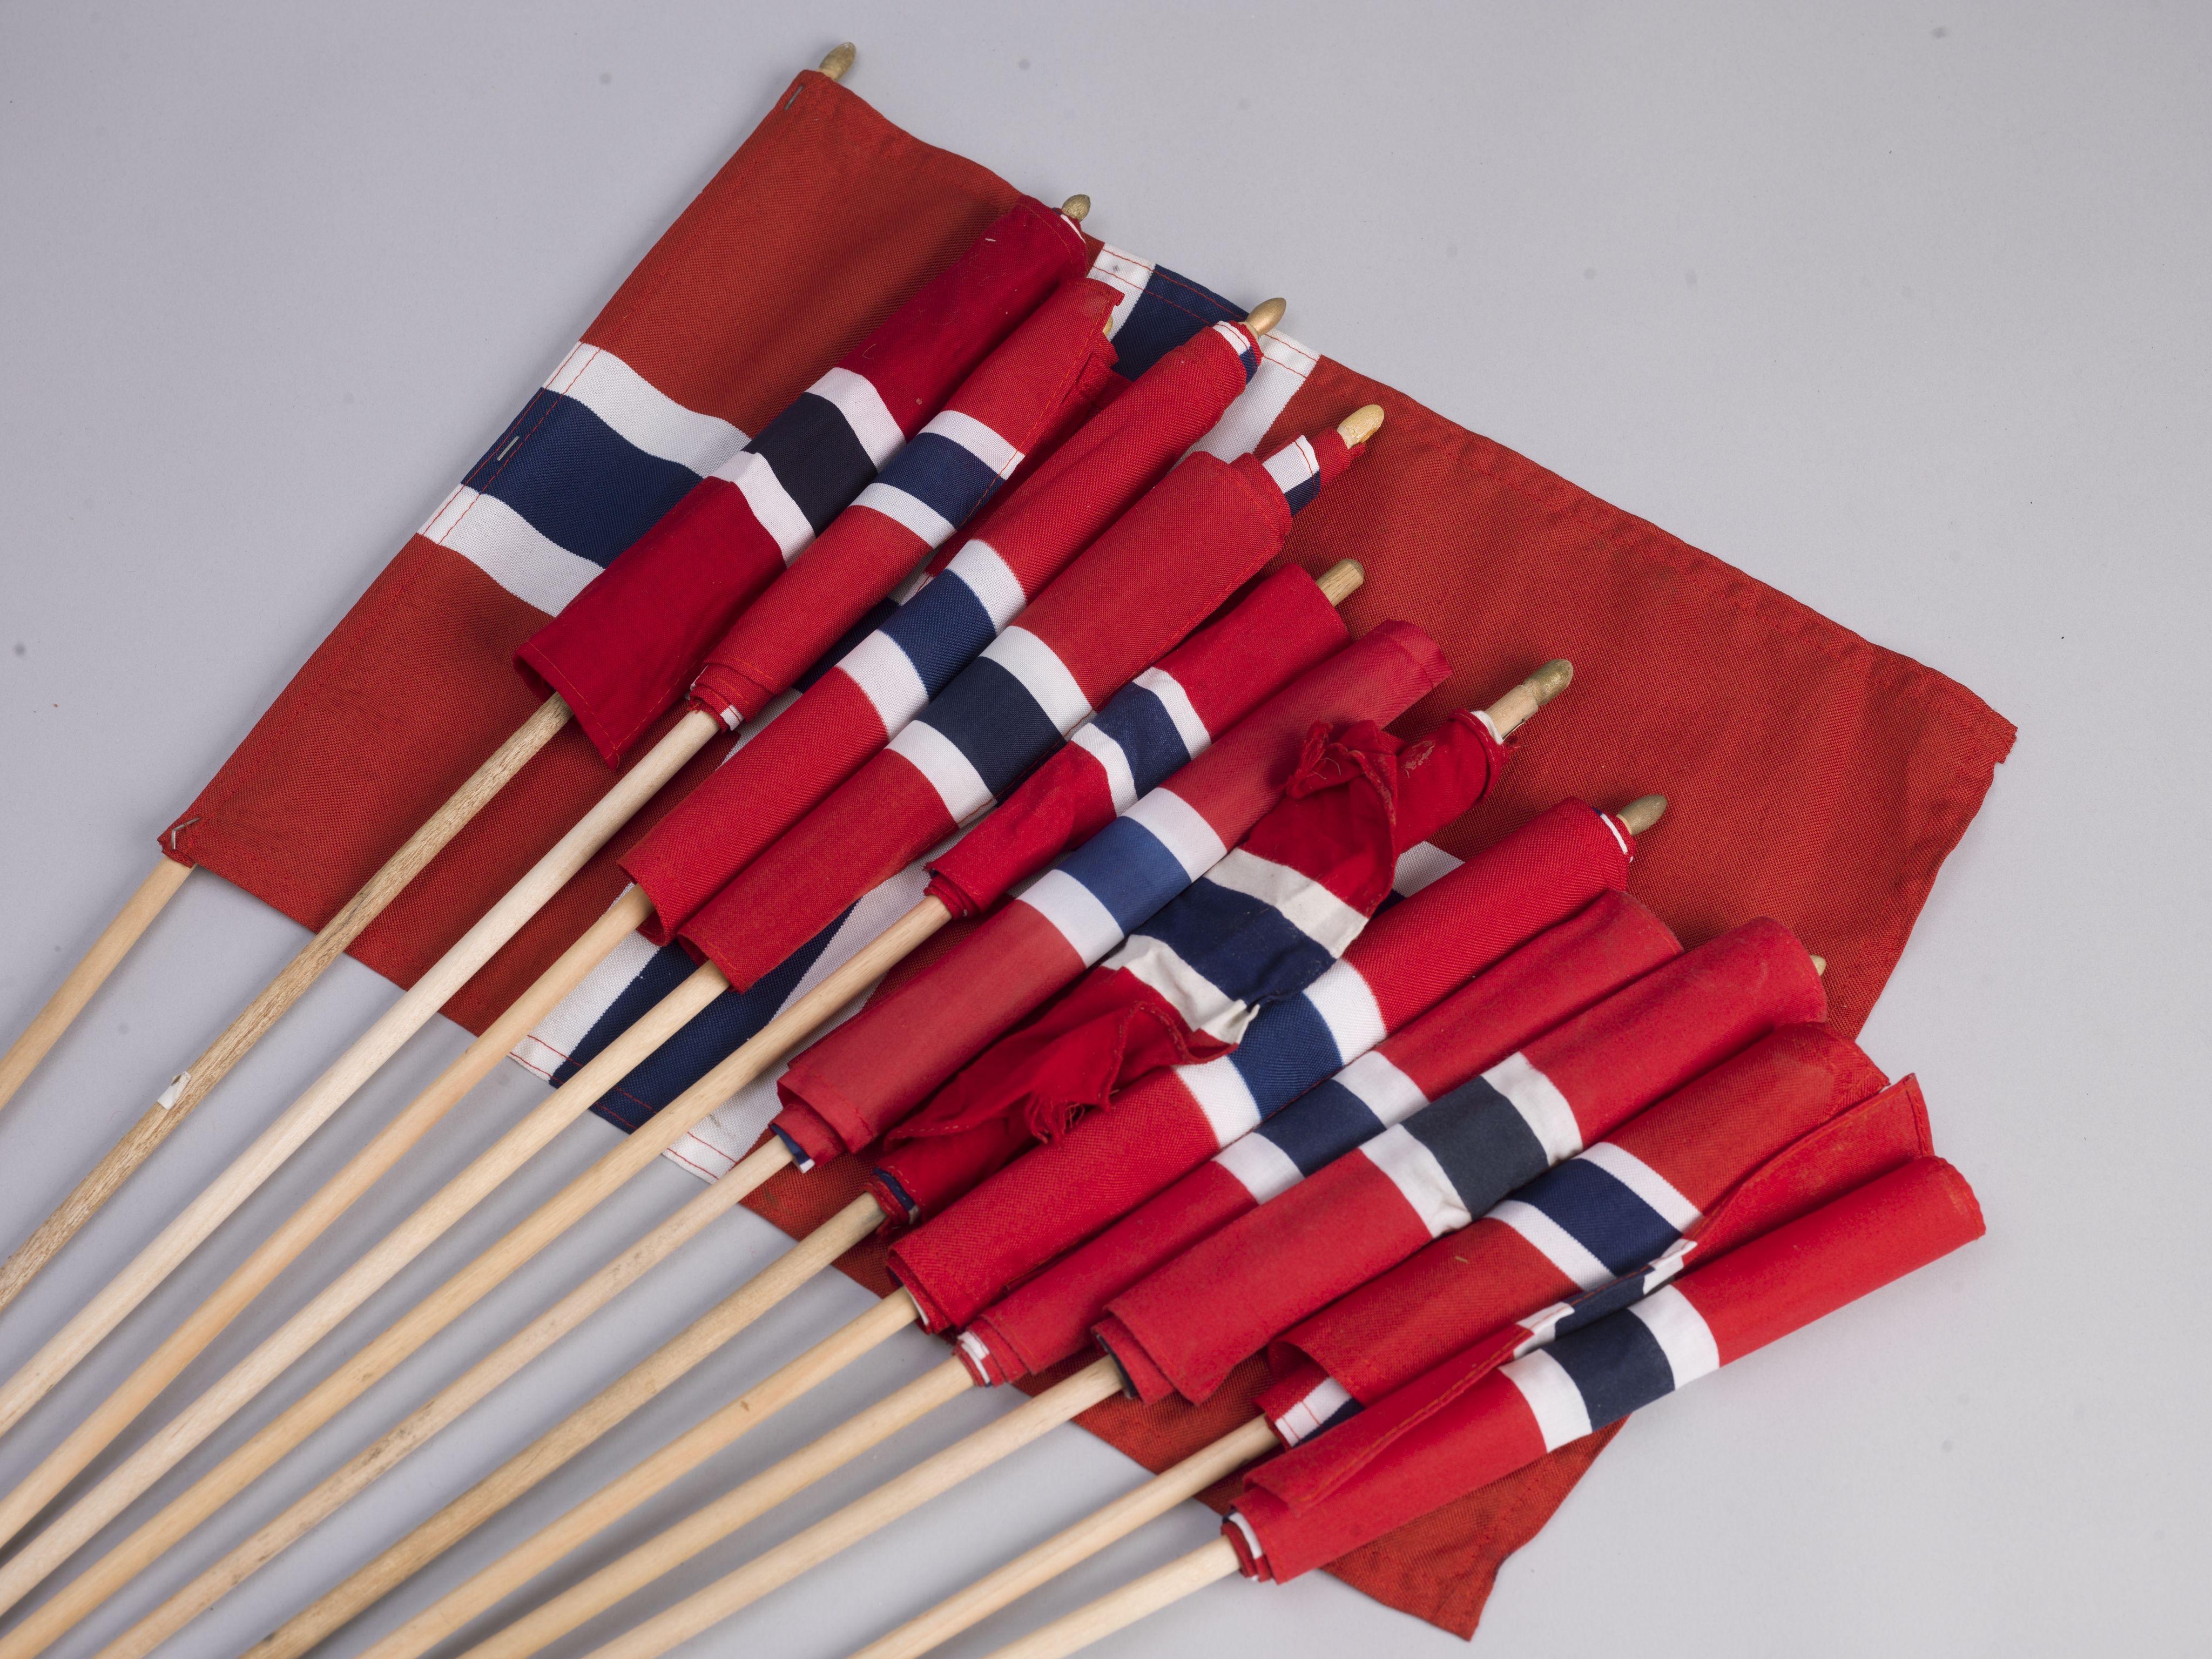 RA, Minnemateriale etter 22.07.2011, W/Wc/L0010: Oslo domkirke. Norske flagg uten påtegnelser, 2011, s. 1